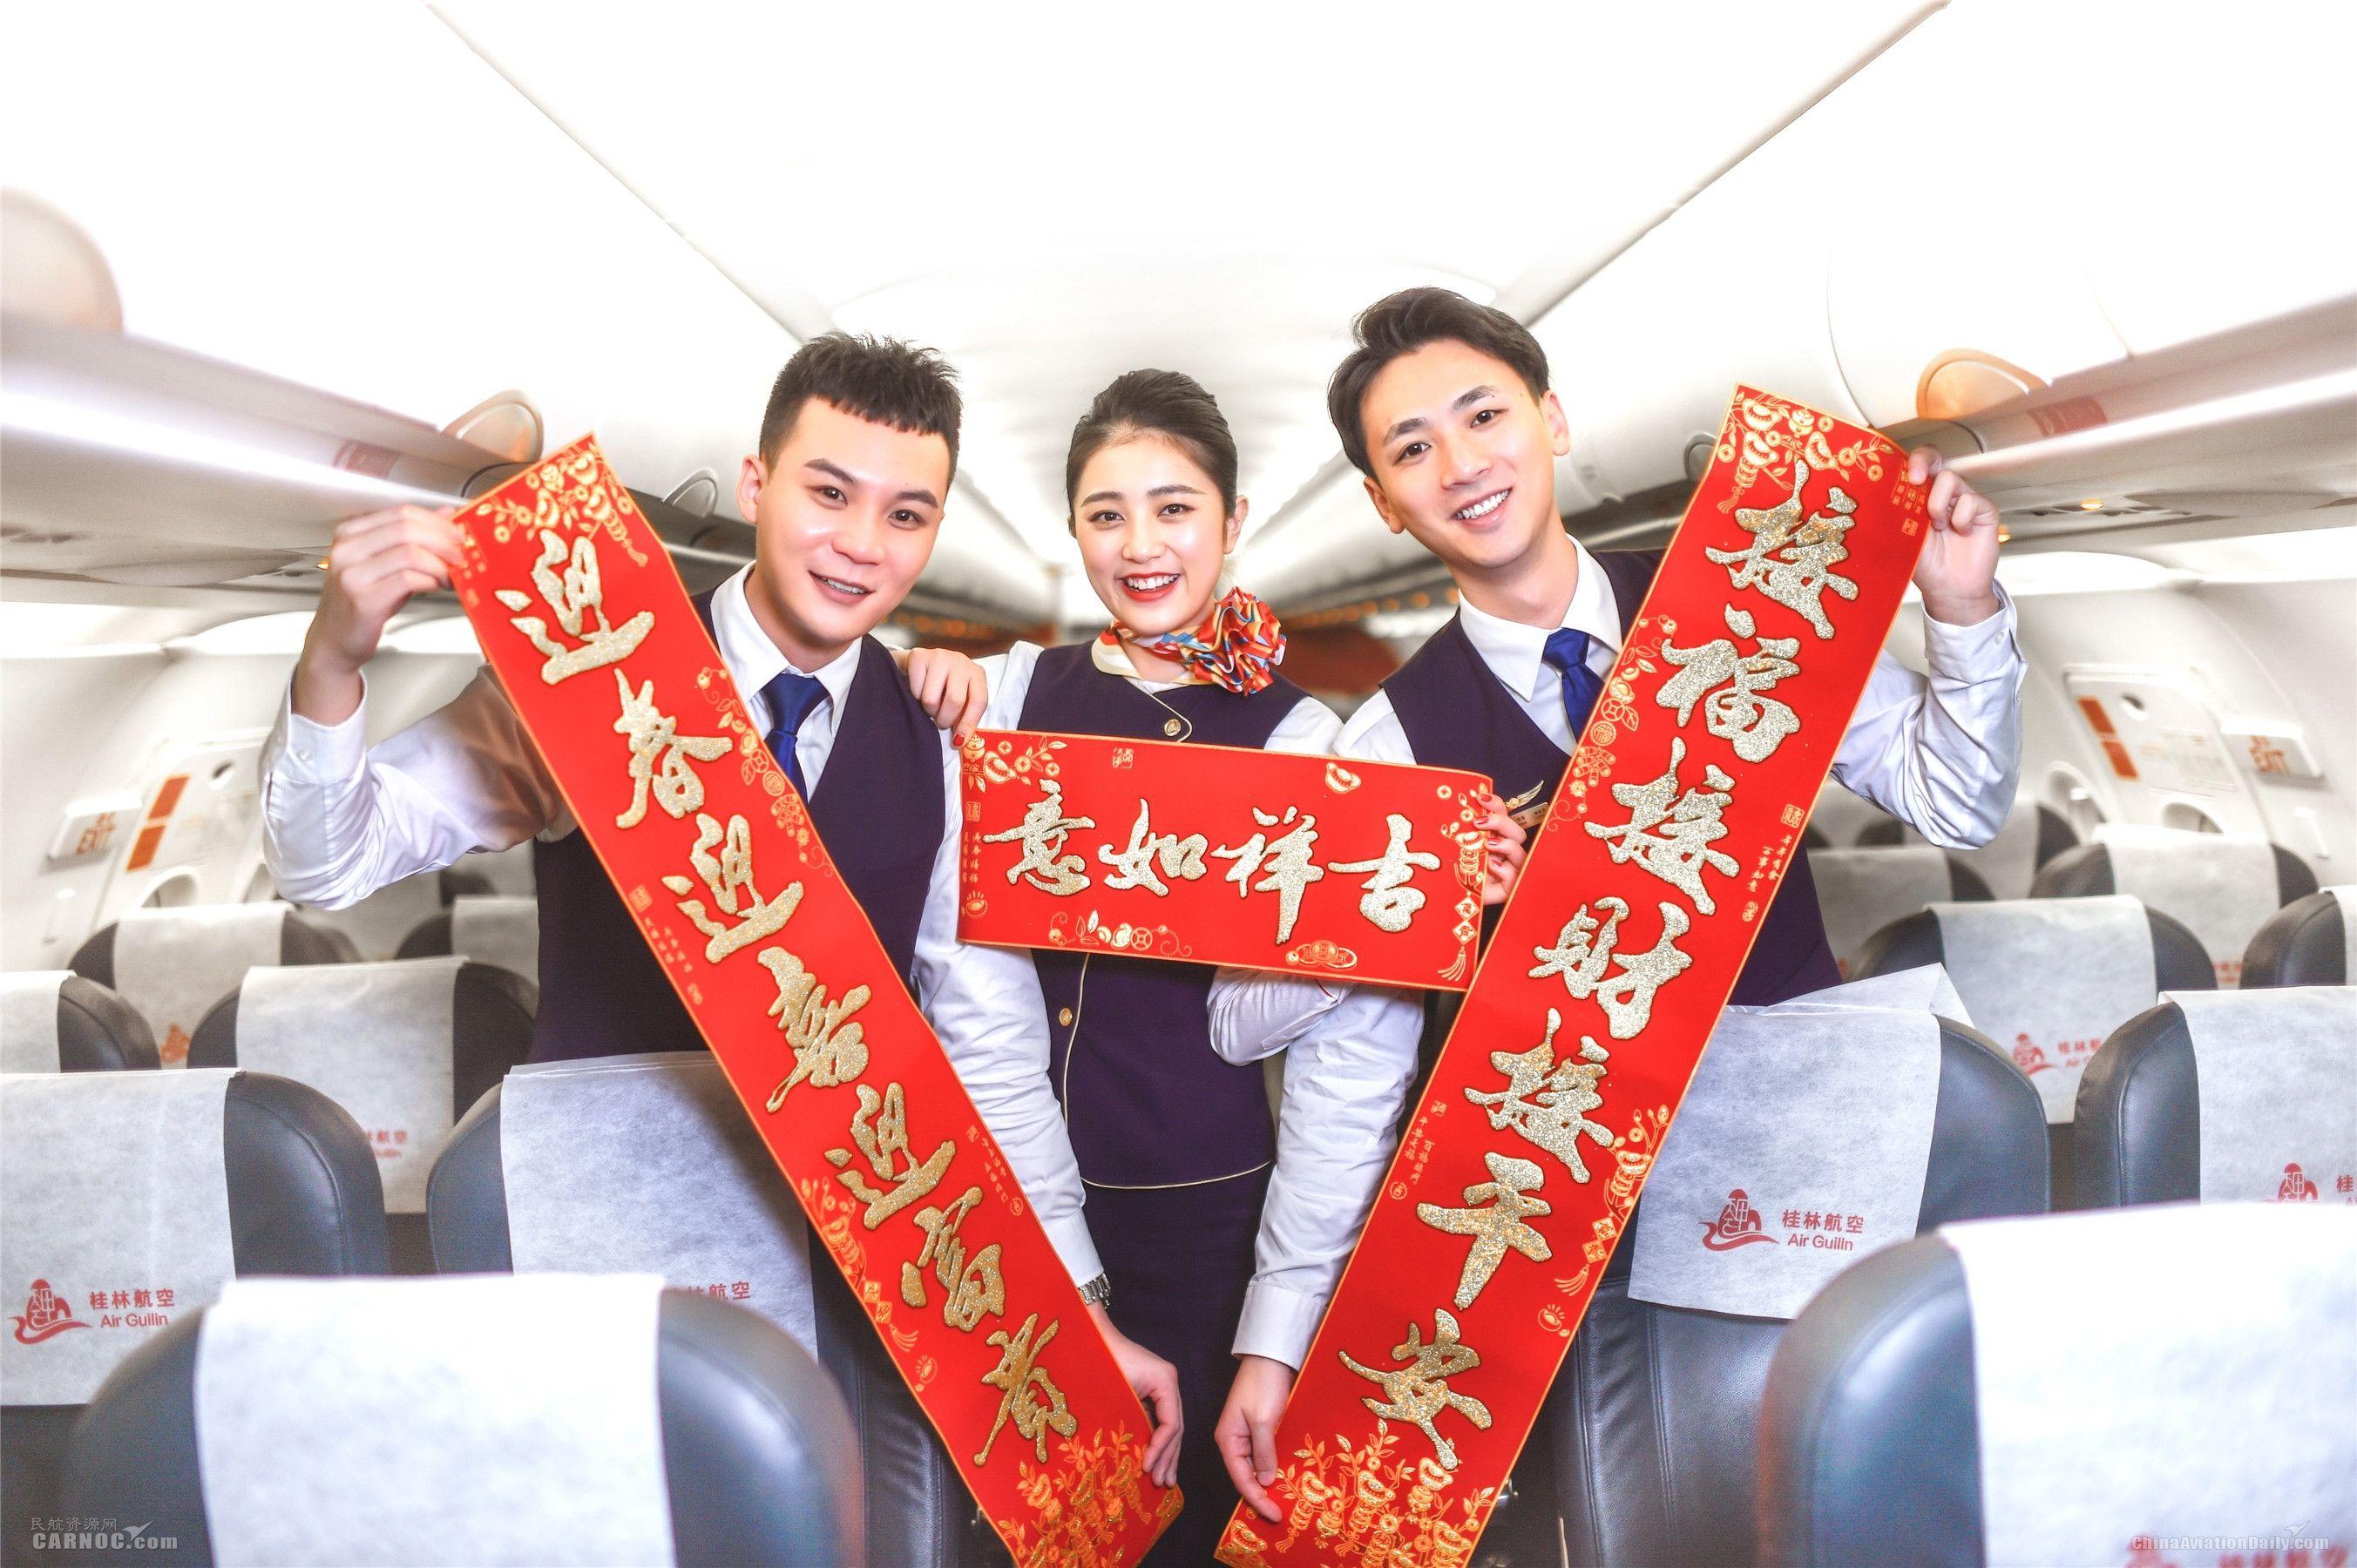 春运收官!桂林航空春运累计运输旅客23万人次